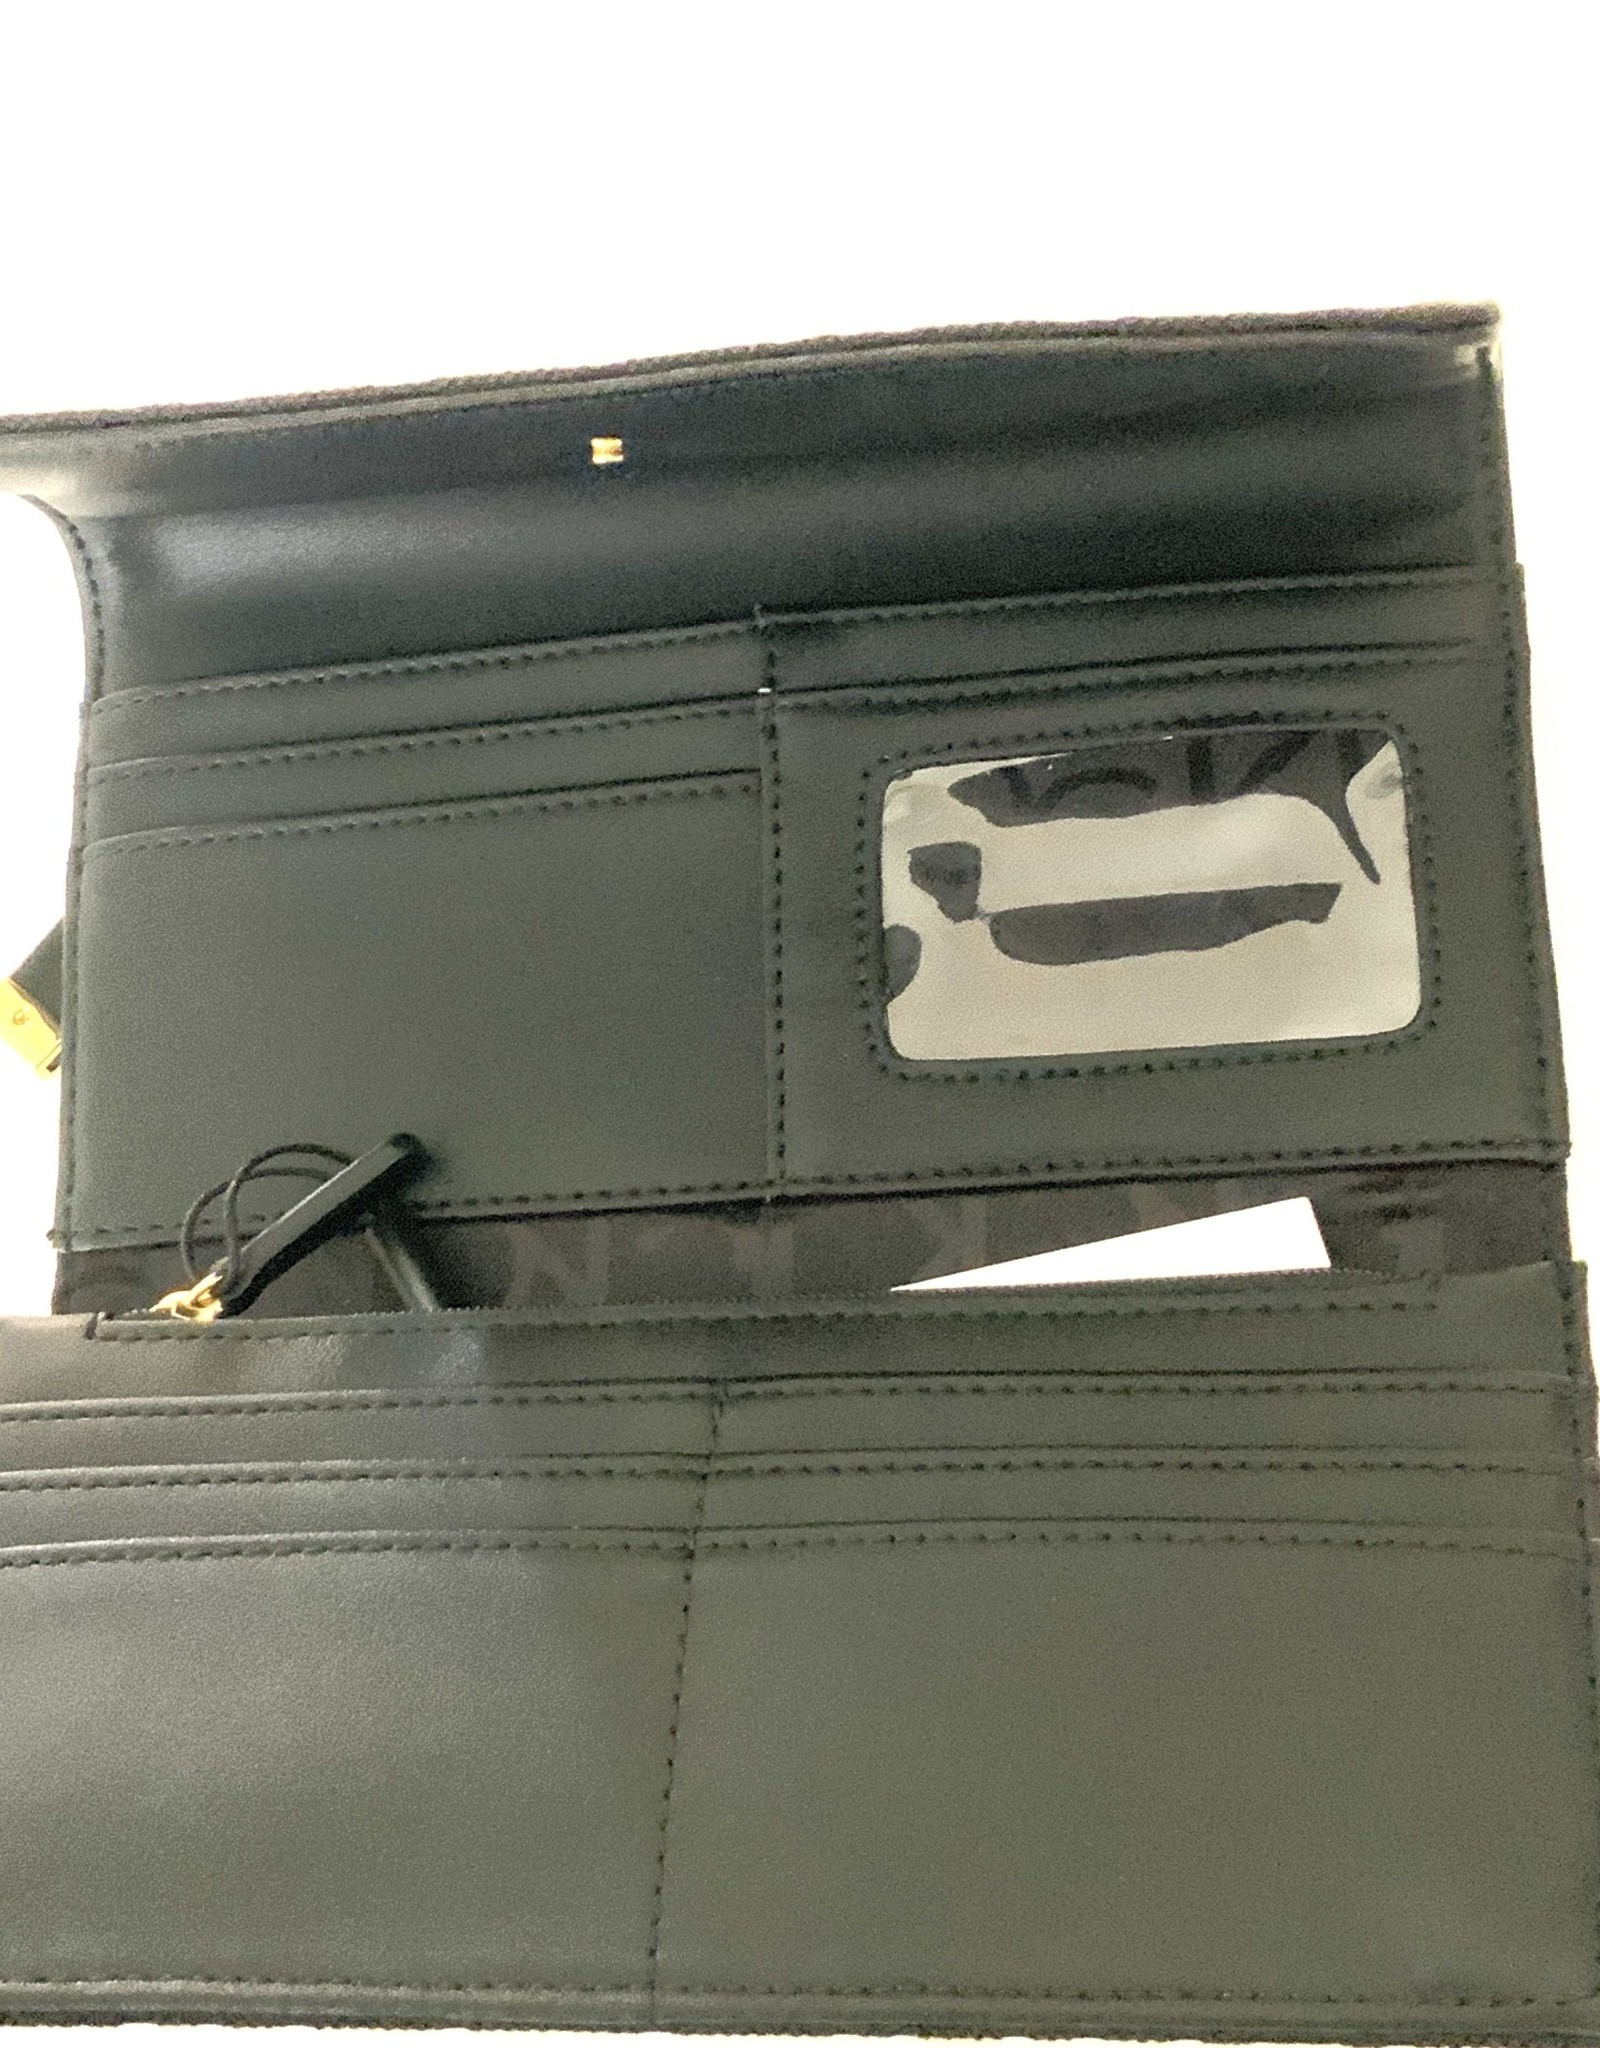 Calvin Klein Calvin Klein Wallet Long Tri-fold